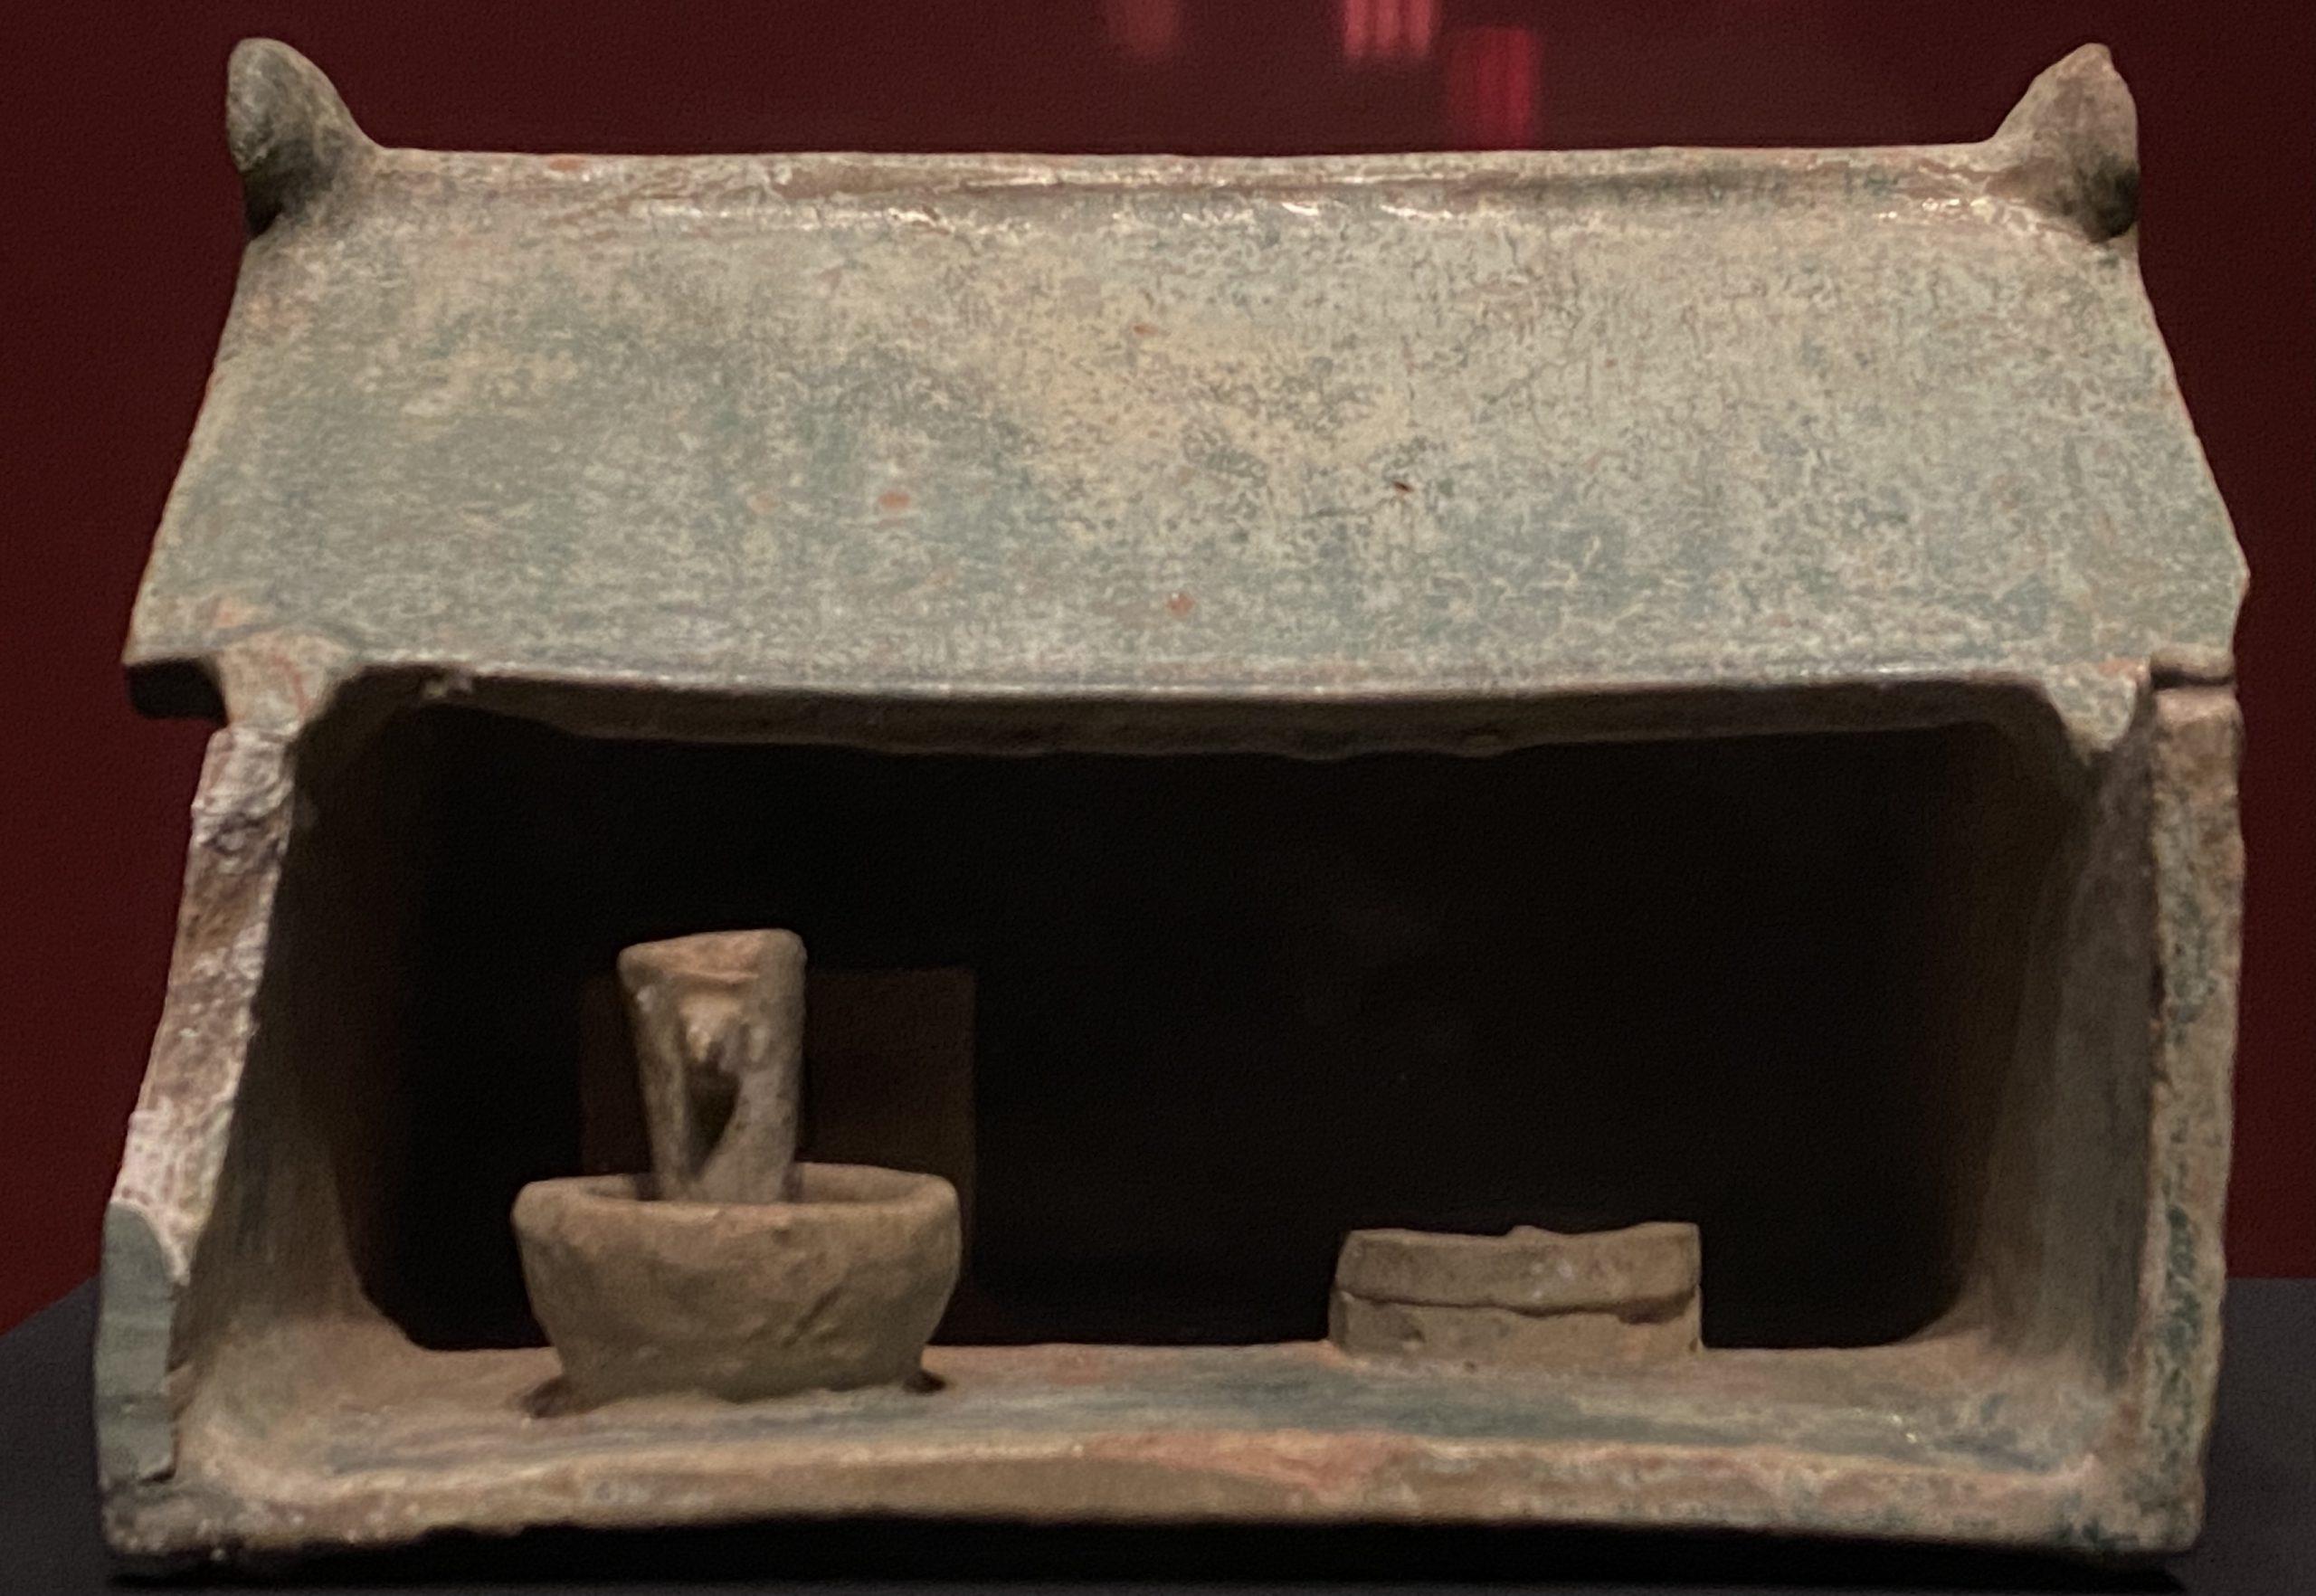 陶作坊-【列備五都-秦漢時代の中国都市】-成都博物館-四川成都